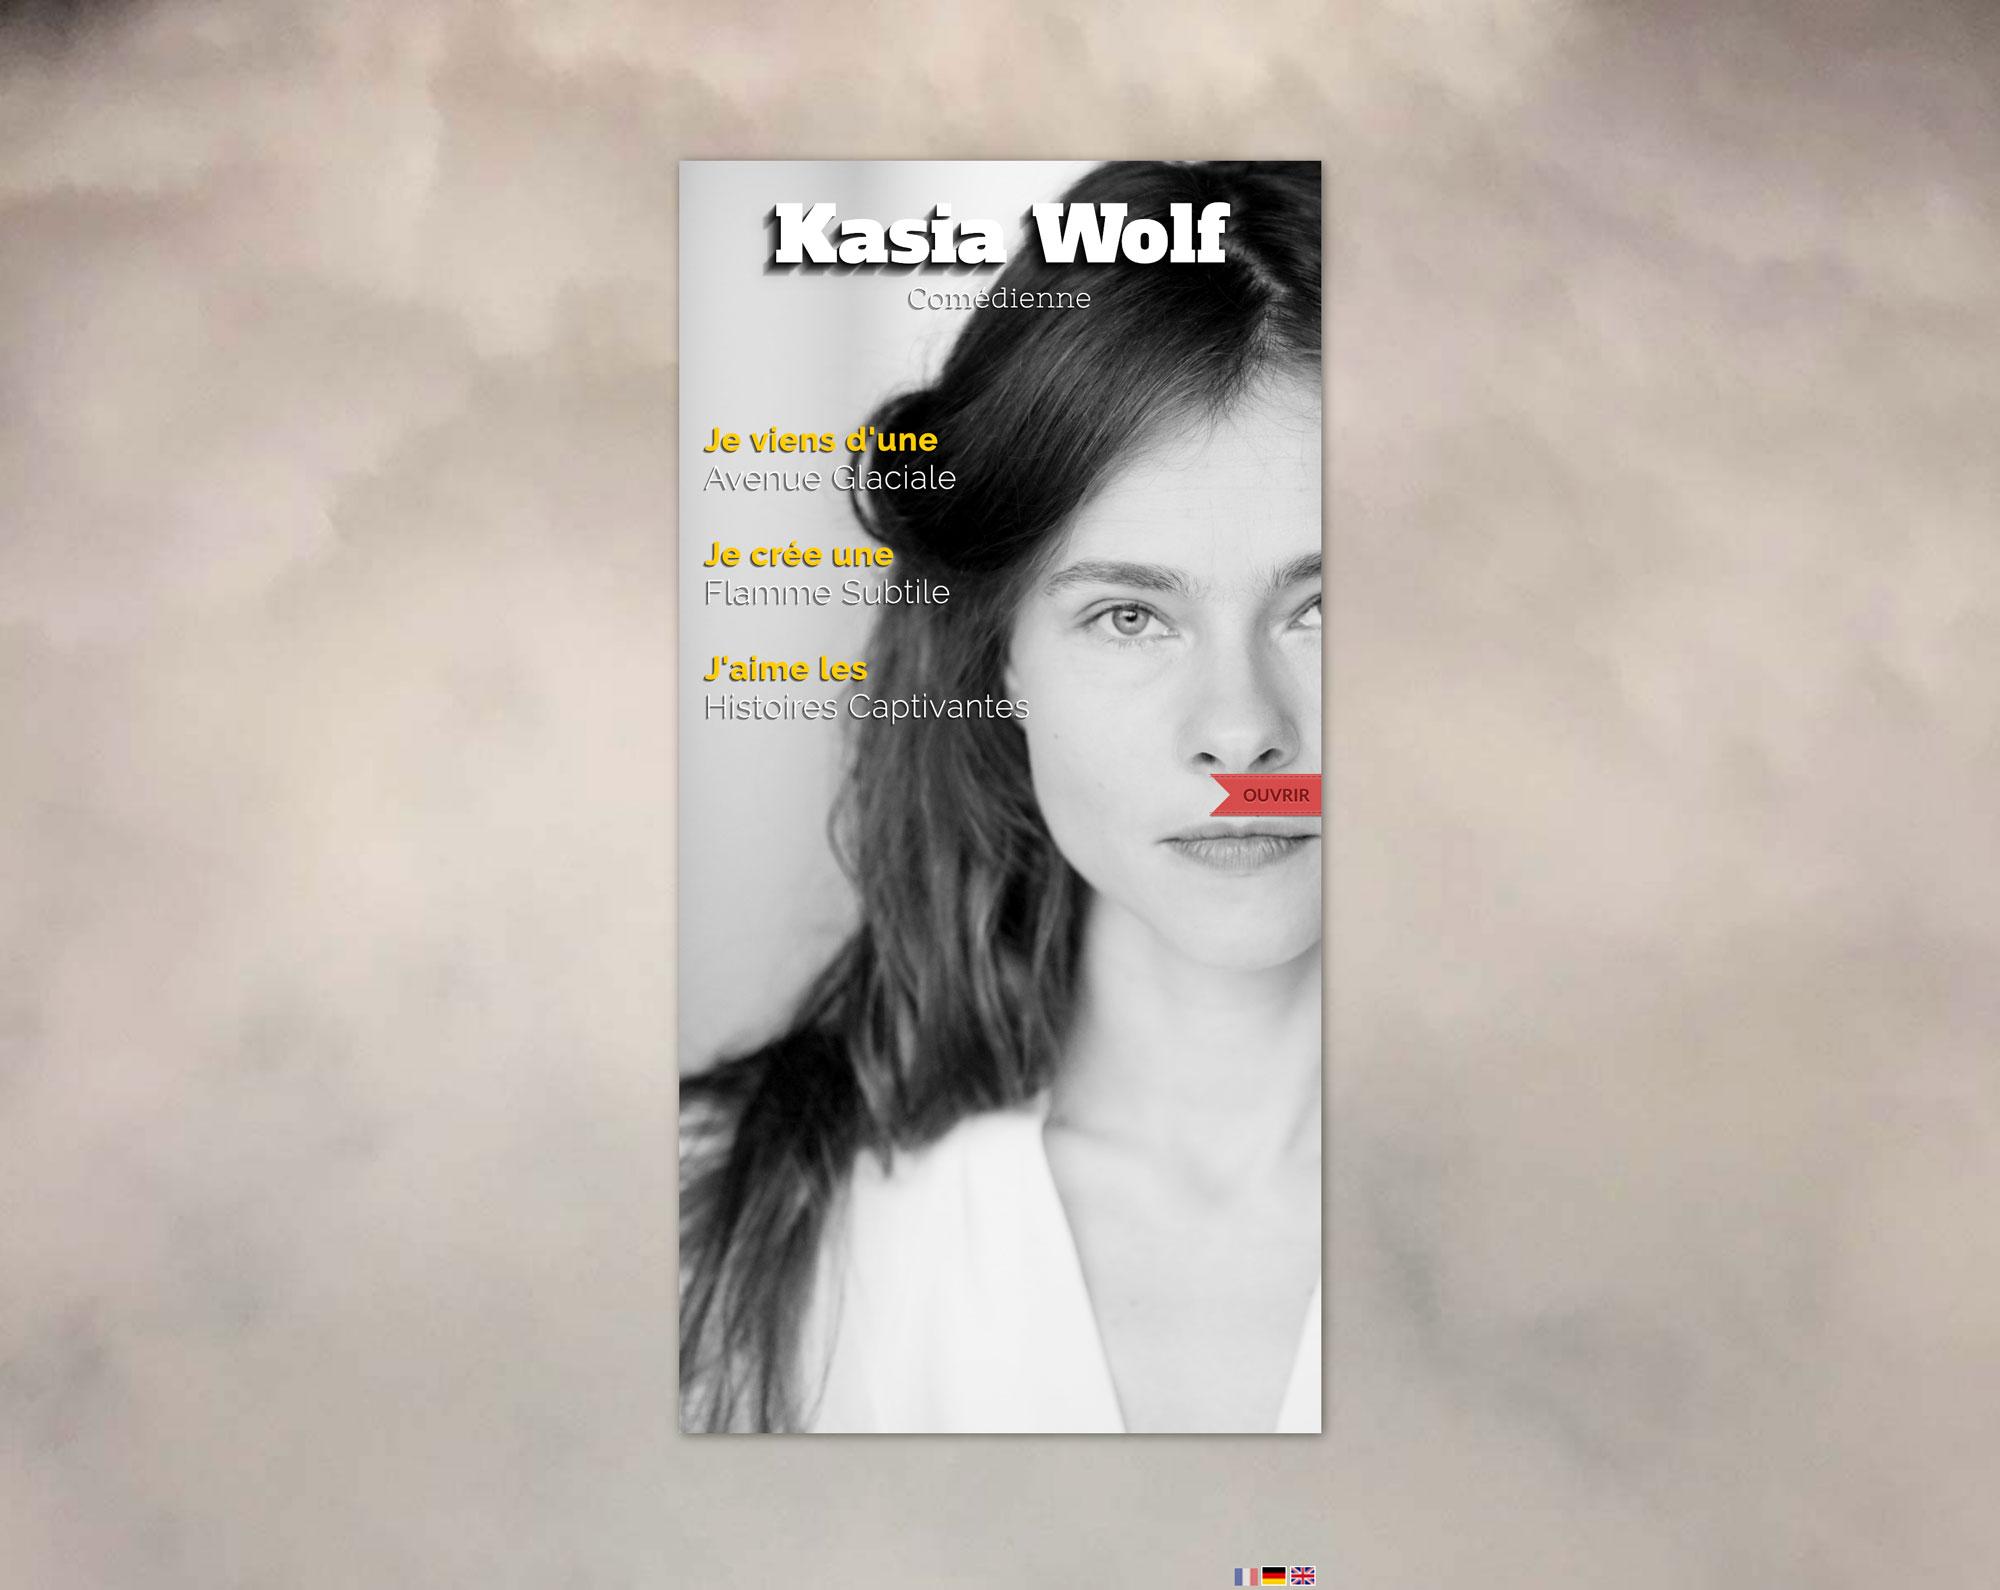 Kasia Wolf